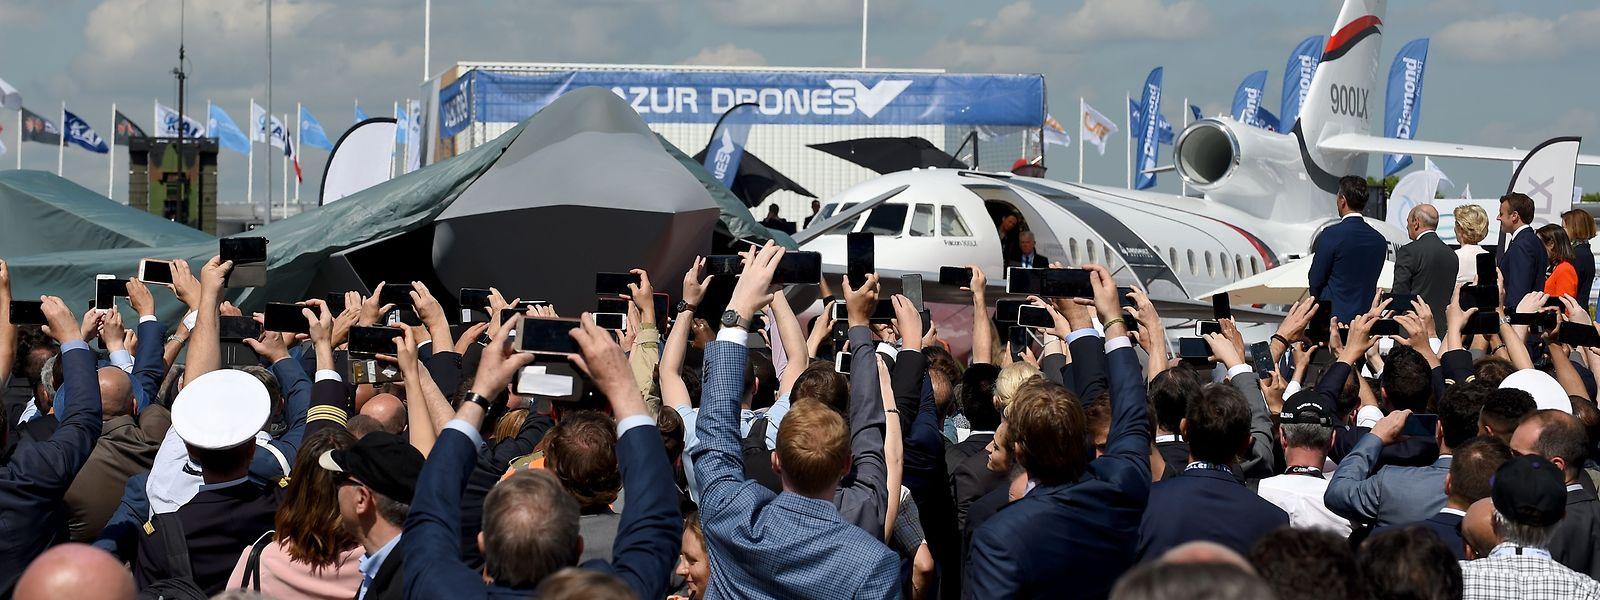 Ein 1:1-Modell des neuen FCAS-Kampfjets wurde unter dem Applaus der Ehrengäste enthüllt.